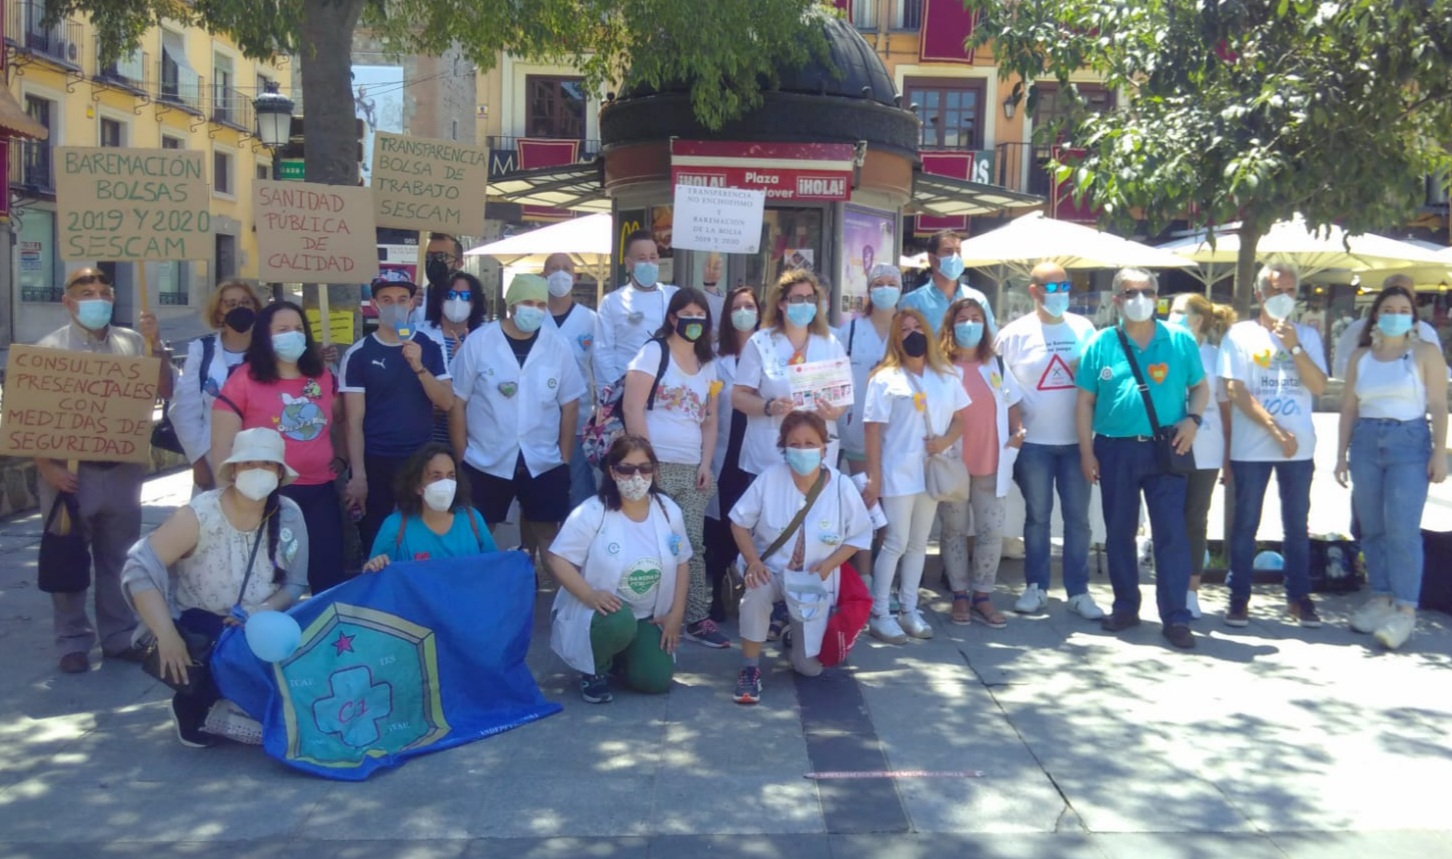 La manifestación de la Plataforma de Afectados por la Bolsa y Usuarios del Sescam consiguió la unión de todos los colectivos participantes en defensa de la sanidad pública de Castilla-La Mancha